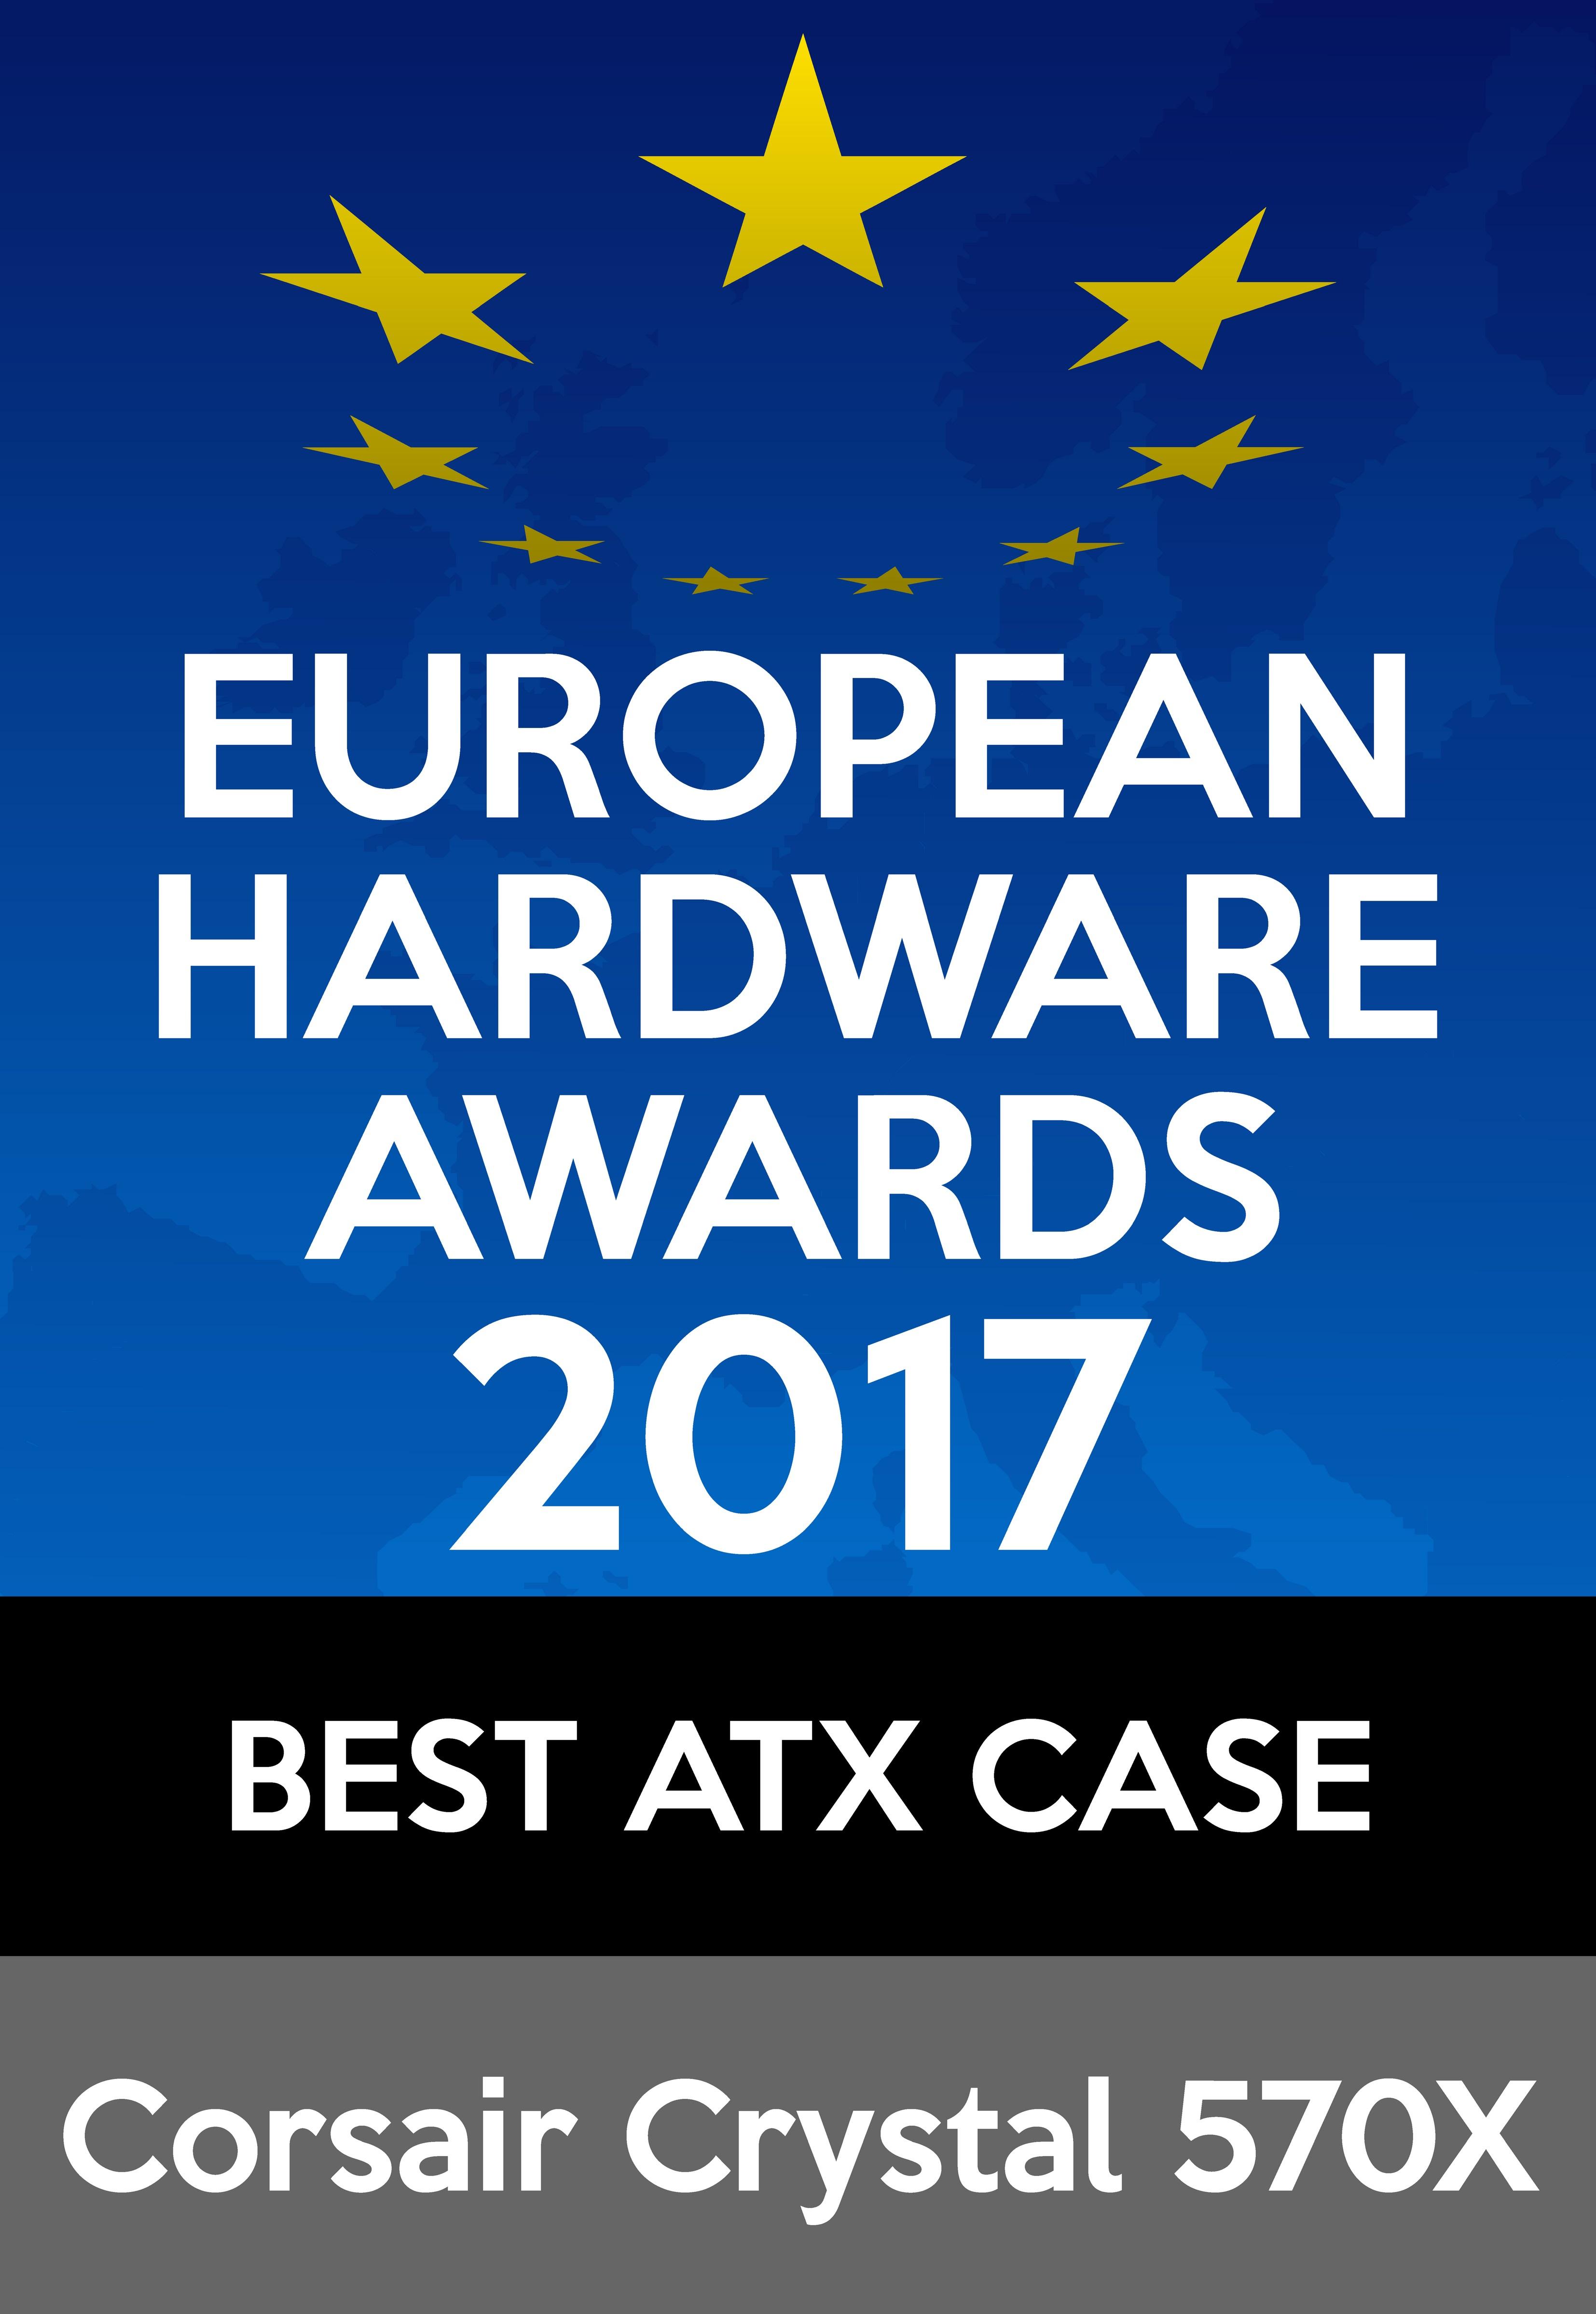 Best ATX Case